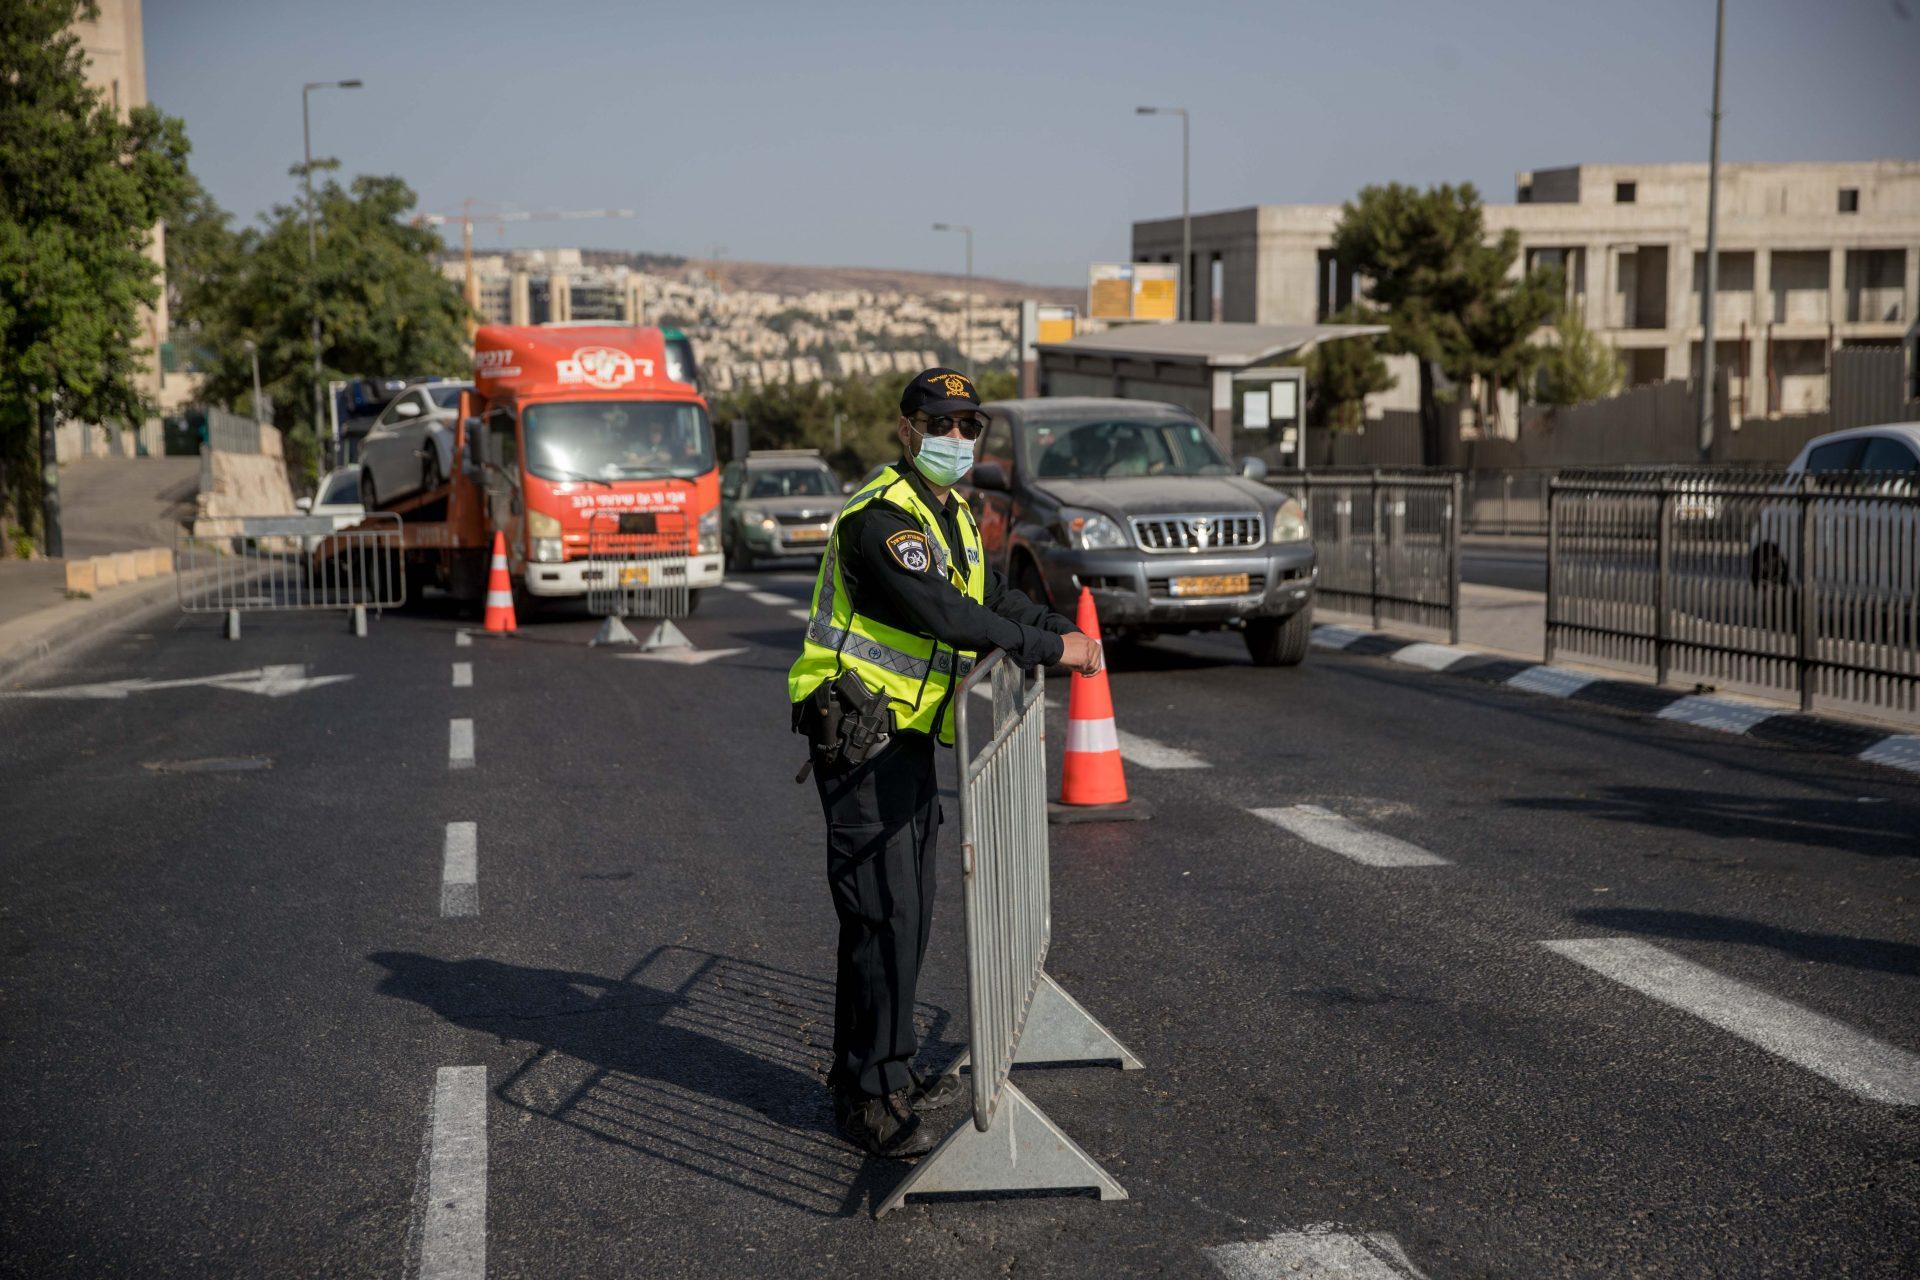 מוקדי התחלואה – בשכונות חרדיות: האם שאר תושבי העיר צריכים להמשיך לסבול בסגר?